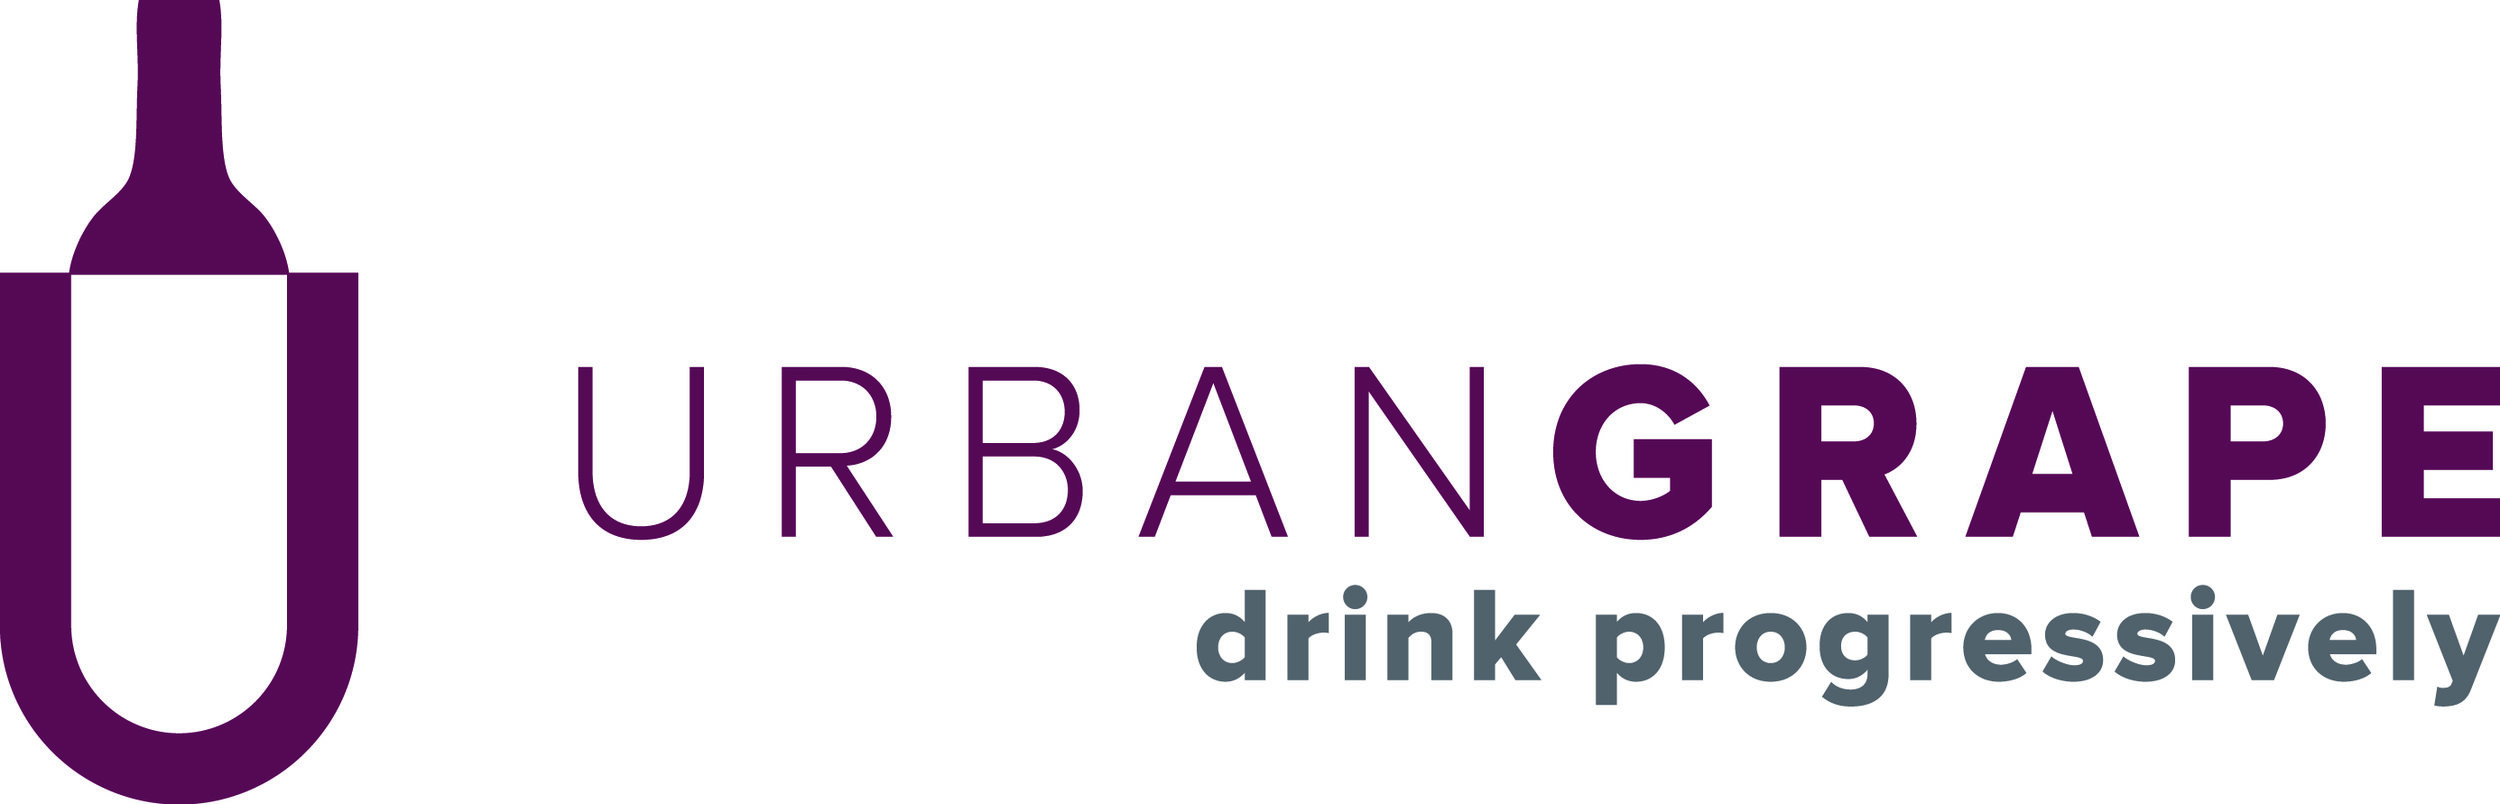 UrbanGrape_logo.jpg